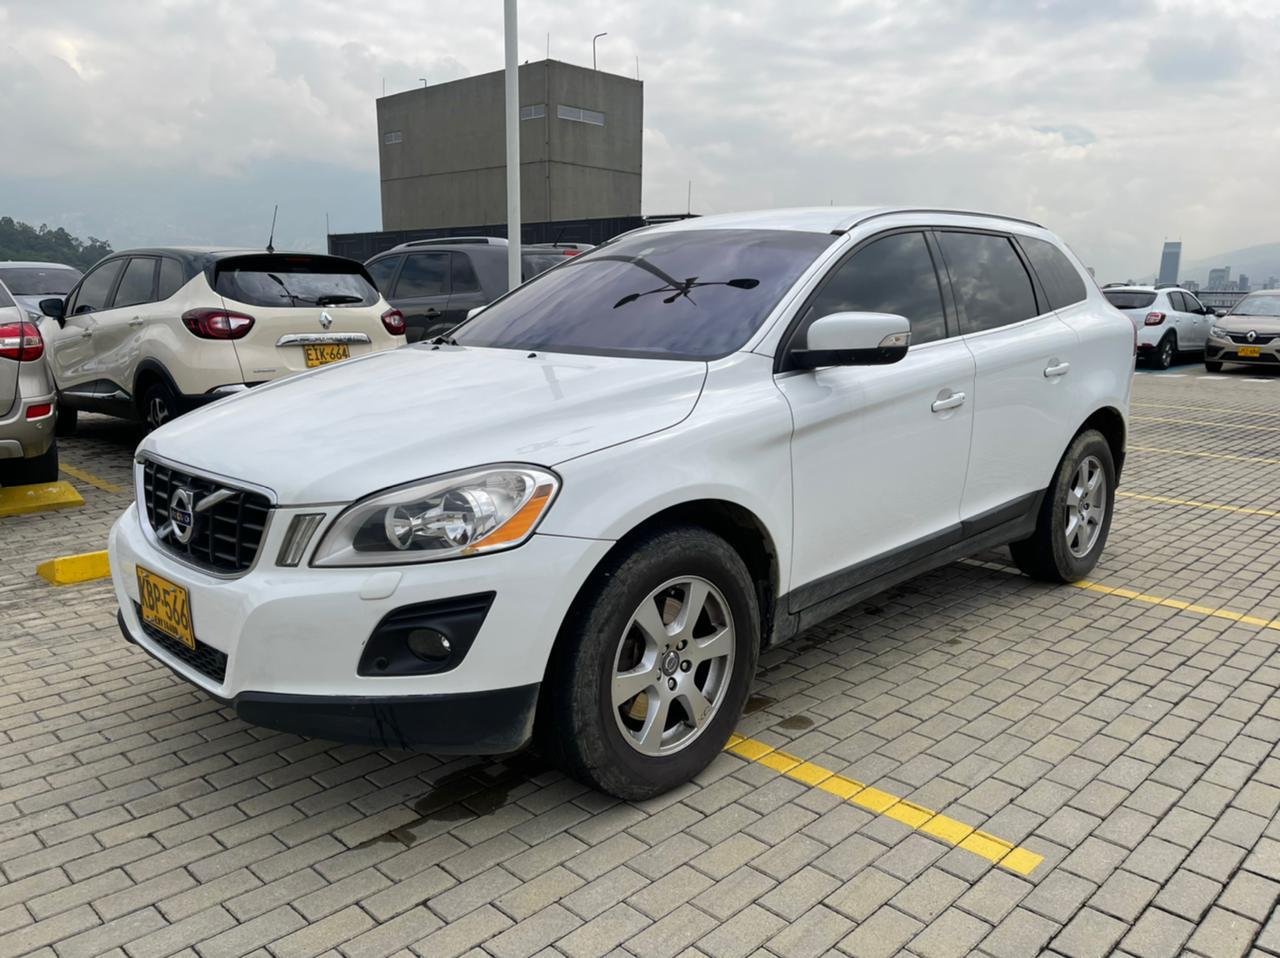 Volvo-xc60-01488724-1